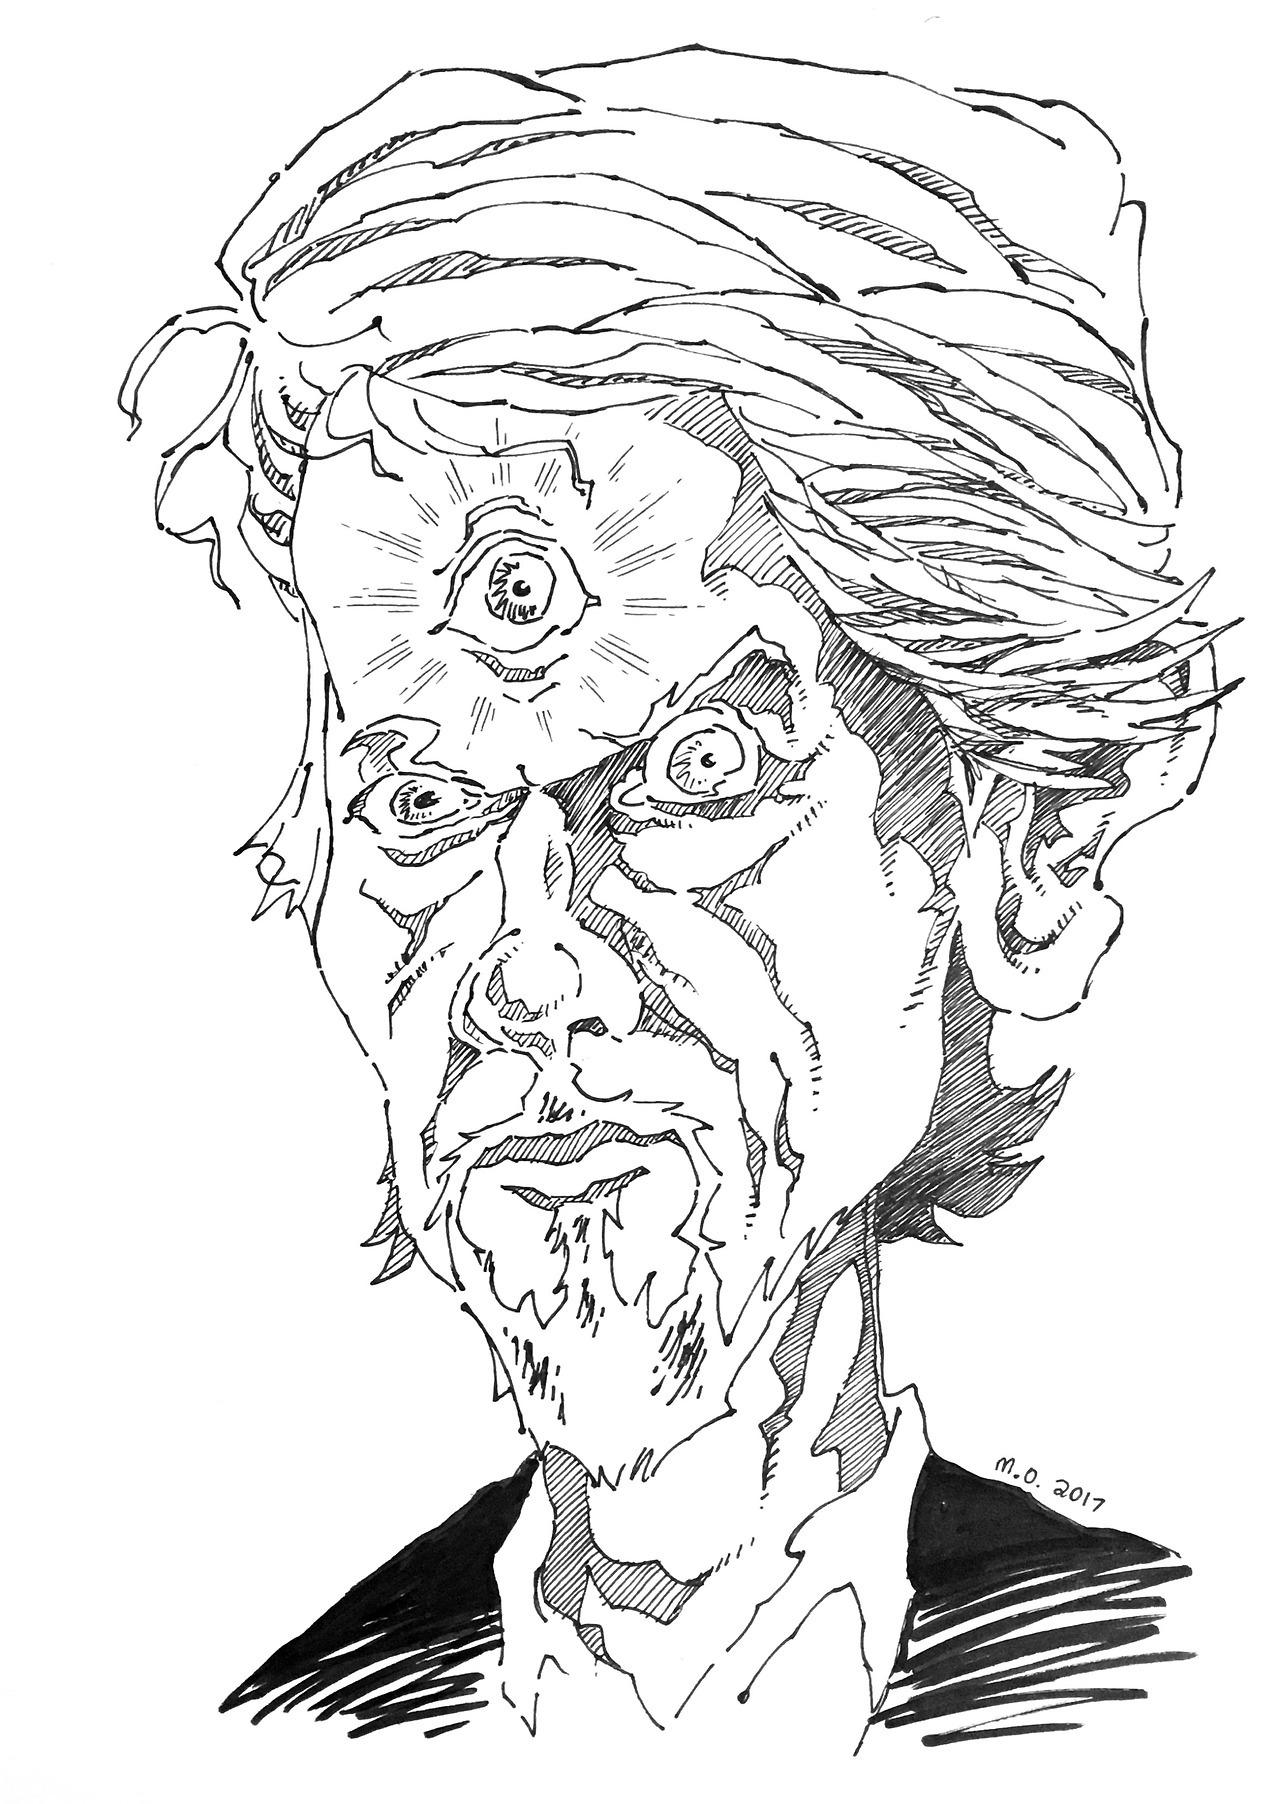 Mark Osberg